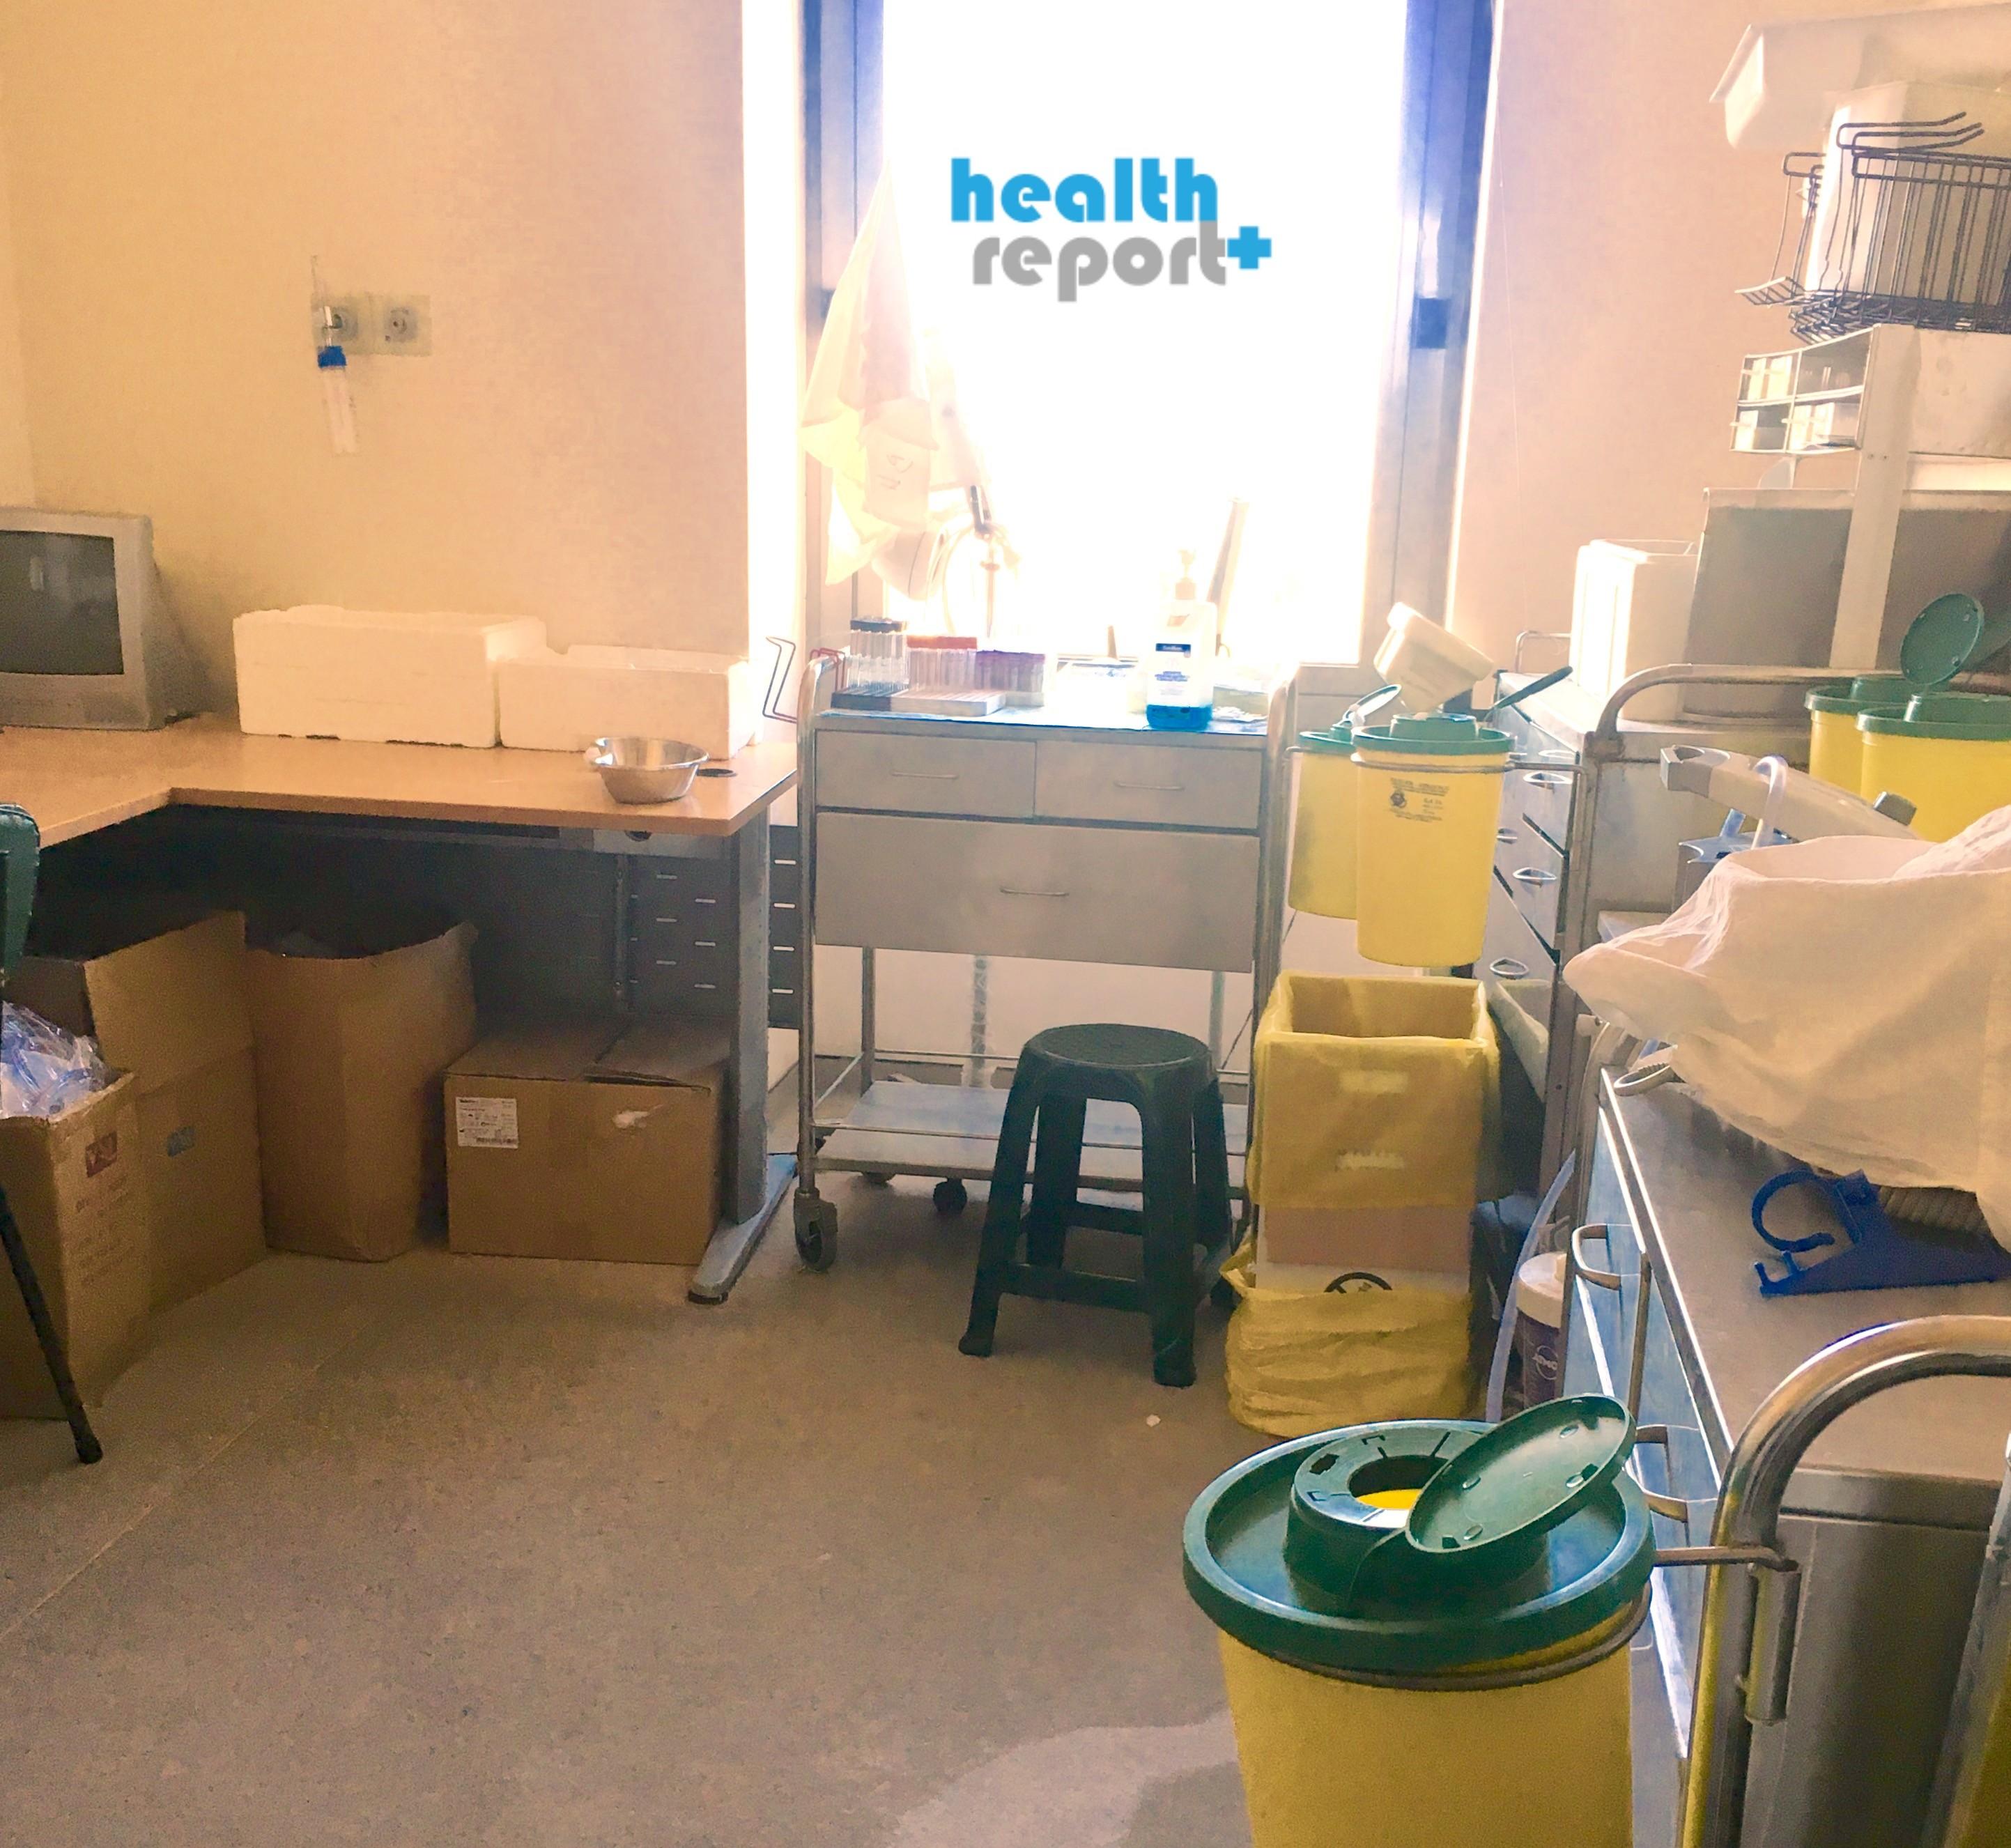 Χωρίς καθαρίστριες ΠΕΔΥ και Κέντρα Υγείας! Νοσηλεύτριες και στην καθαριότητα στη Μυτιλήνη